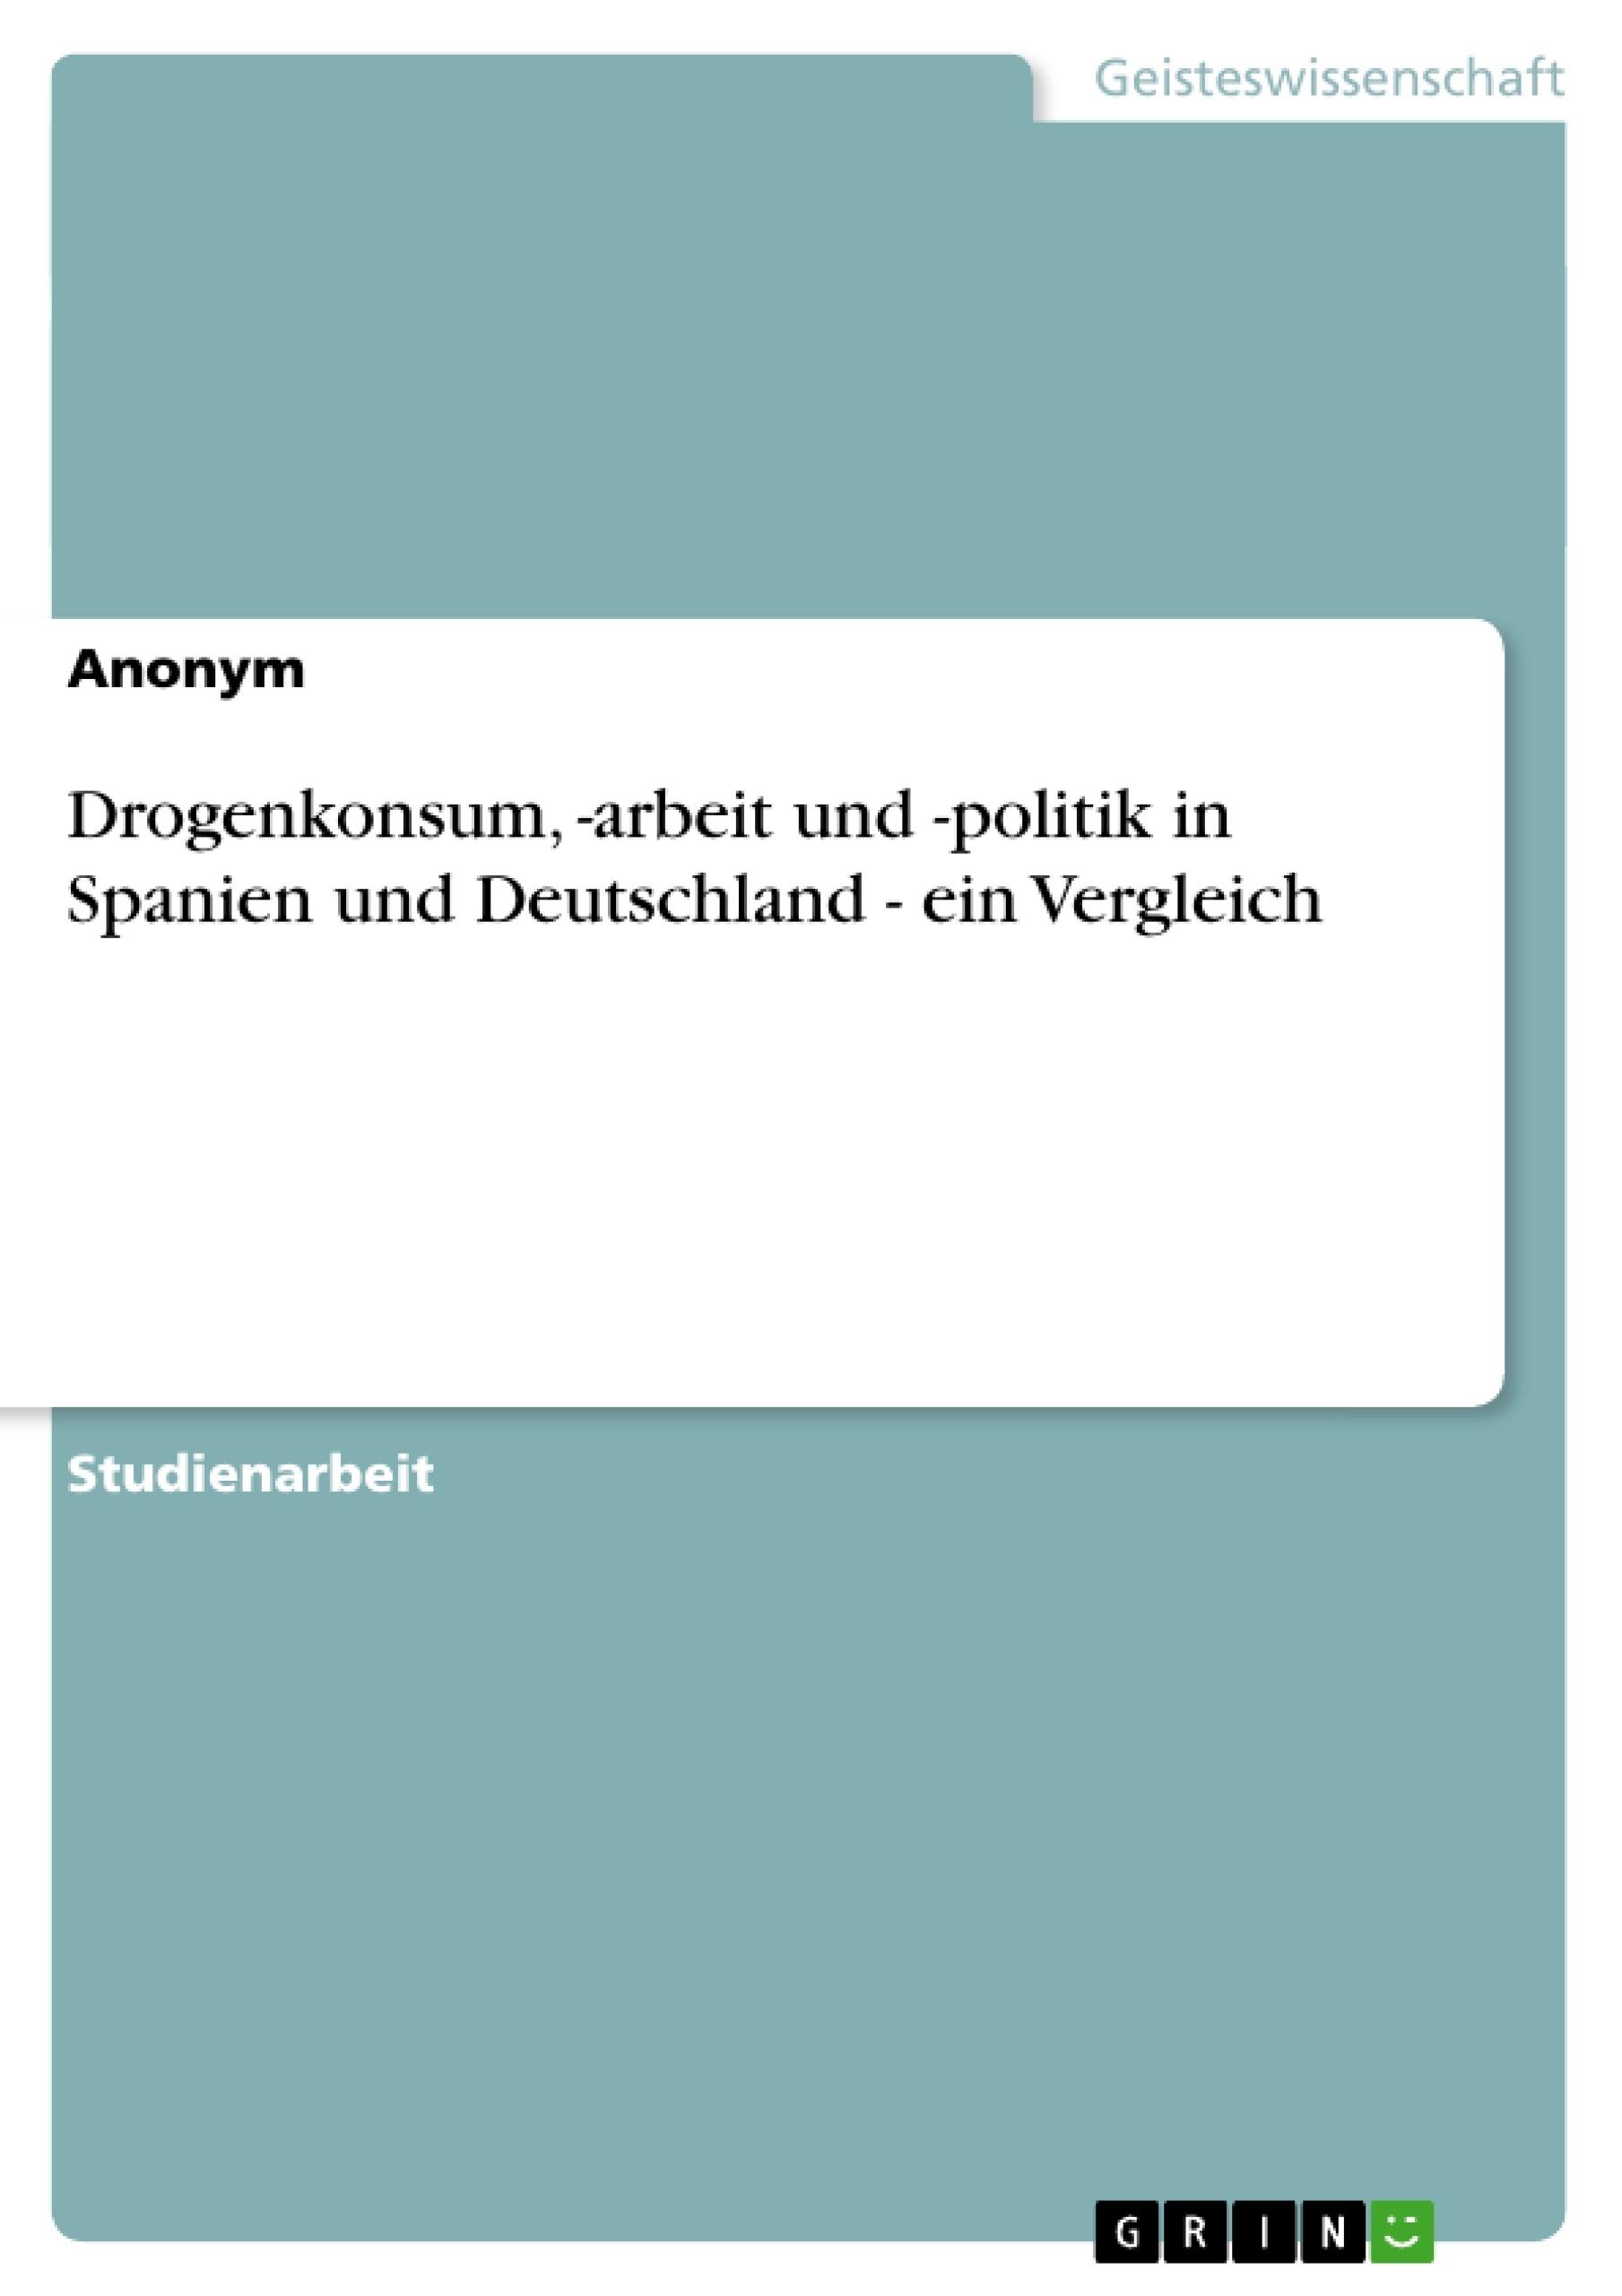 Titel: Drogenkonsum, -arbeit und -politik in Spanien und Deutschland - ein Vergleich